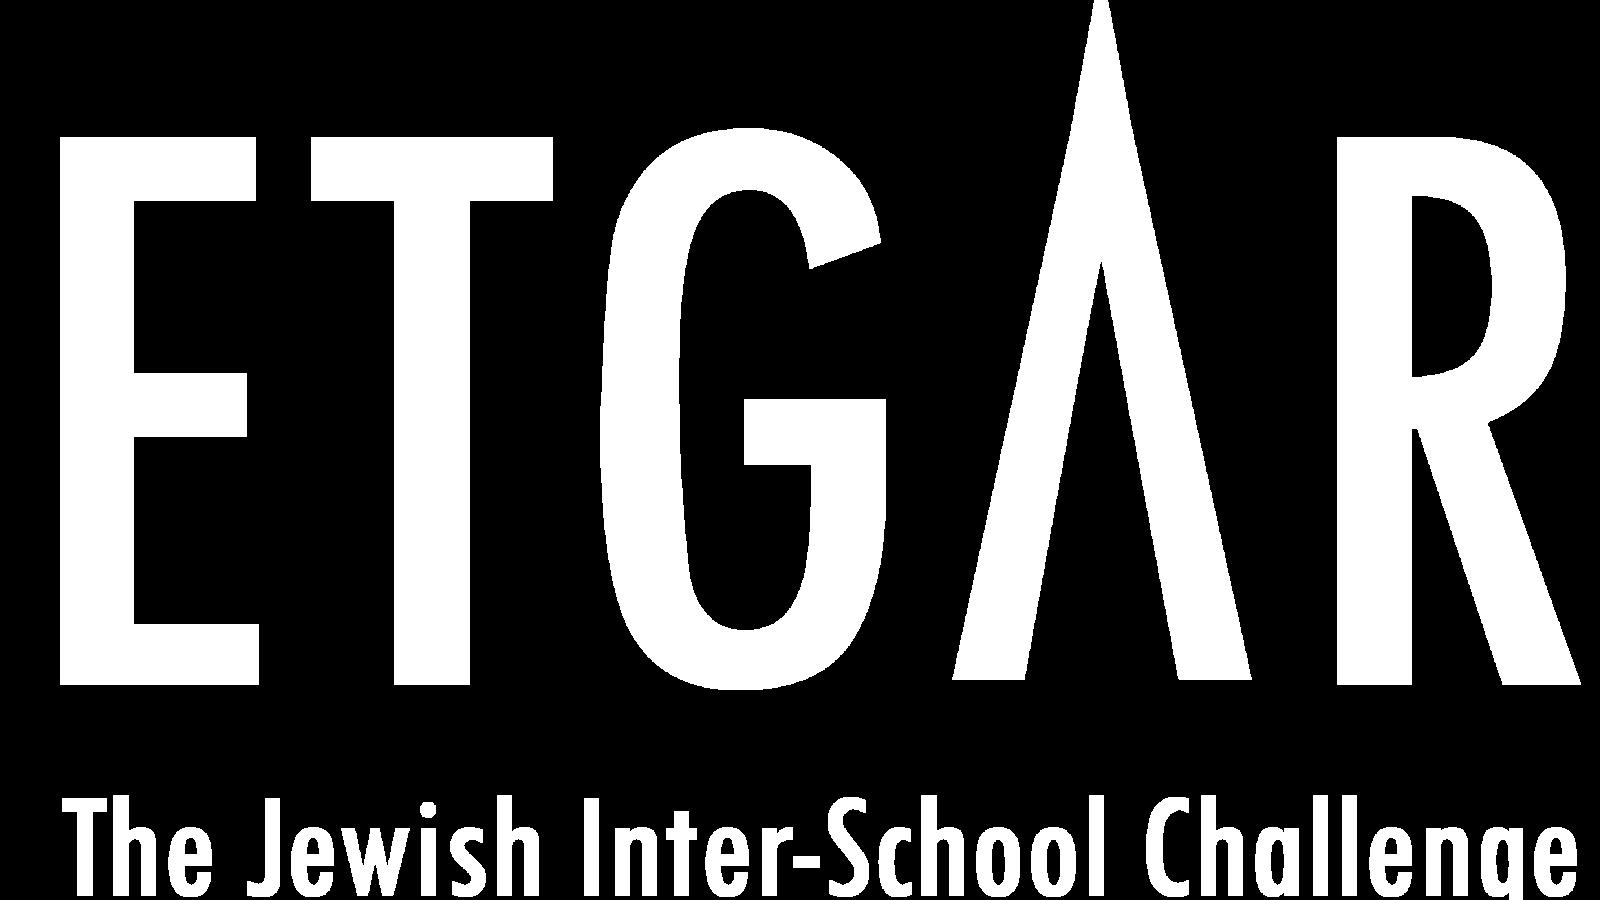 ETGAR jewish inter-school challenge